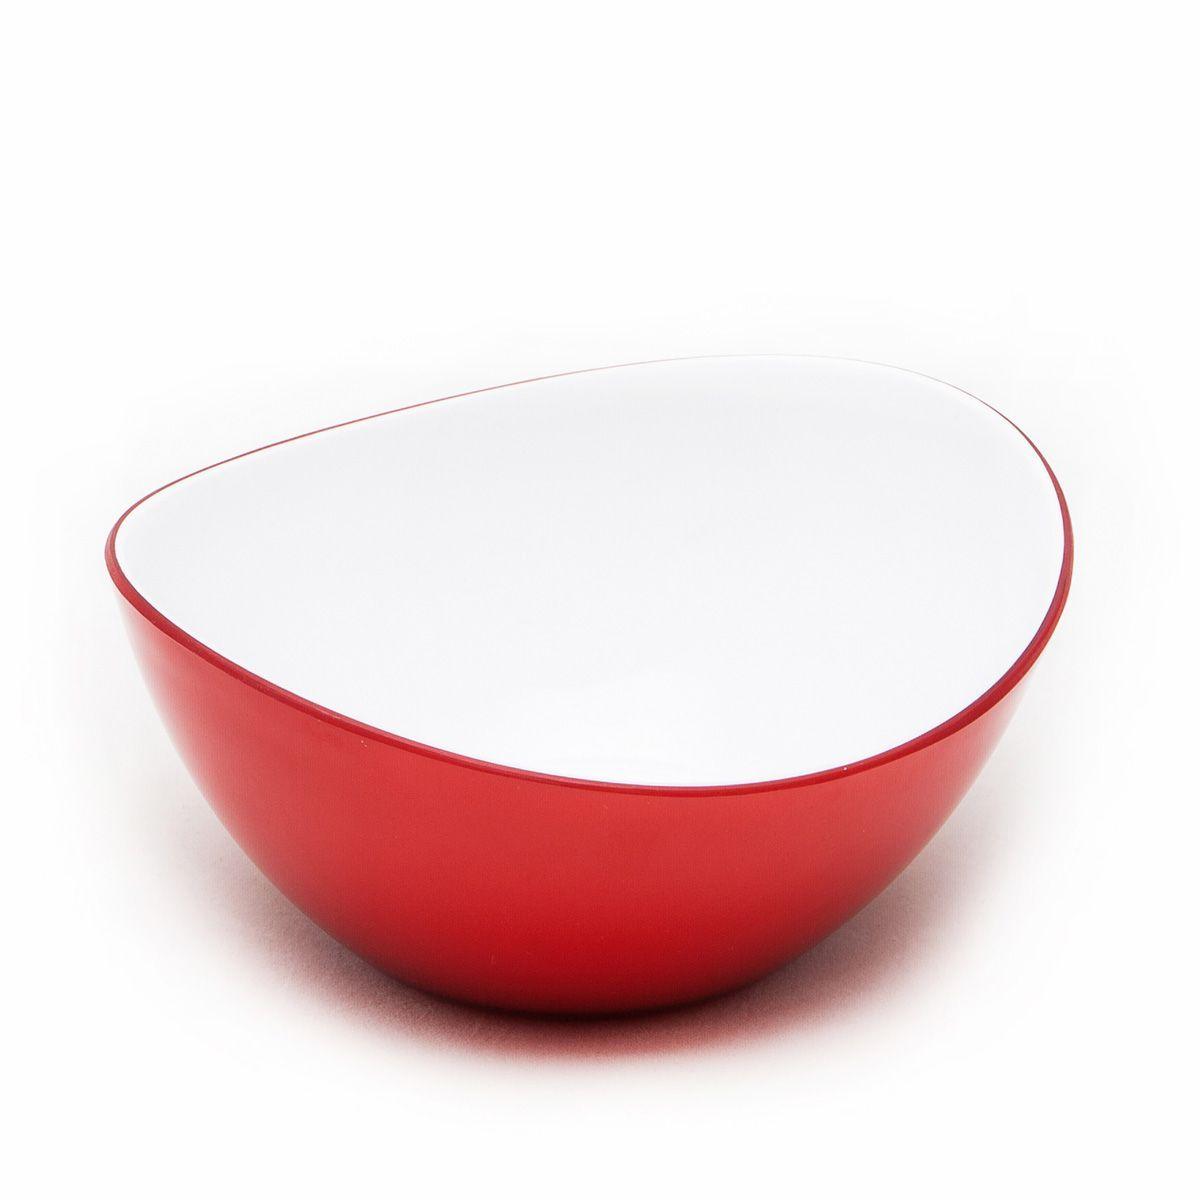 Миска MoulinVilla, цвет: красный, длина 16 смL-16RМиска компании Moulinvilla изготовлена из высококачественного акрила. Благодаря оригинальному и привлекательному дизайну выполняет не только практичную, но и декоративную функцию. Белый цвет внутренней поверхности и сочный, интенсивный цвет снаружи отлично контрастируют. В ней можно сервировать салаты, фрукты, закуски, десерты, печенье, сладости и т.д. Состав: Акрил. Можно мыть в посудомоечной машине.